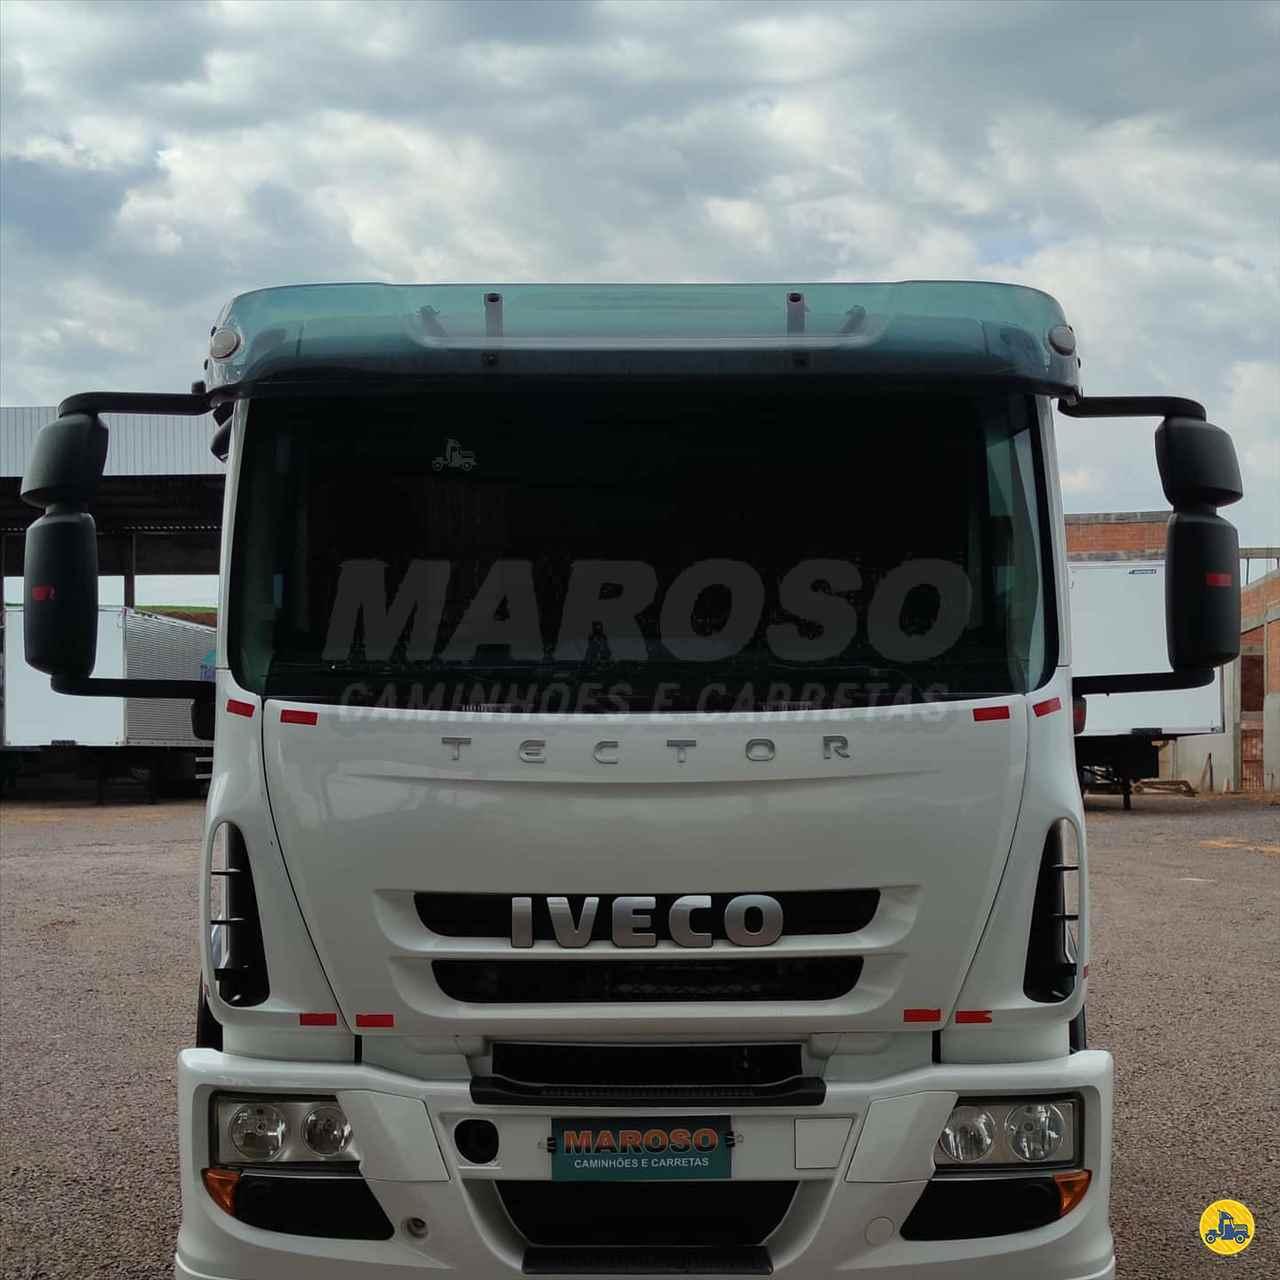 CAMINHAO IVECO TECTOR 240E30 Chassis BiTruck 8x2 Maroso Caminhões PALOTINA PARANÁ PR